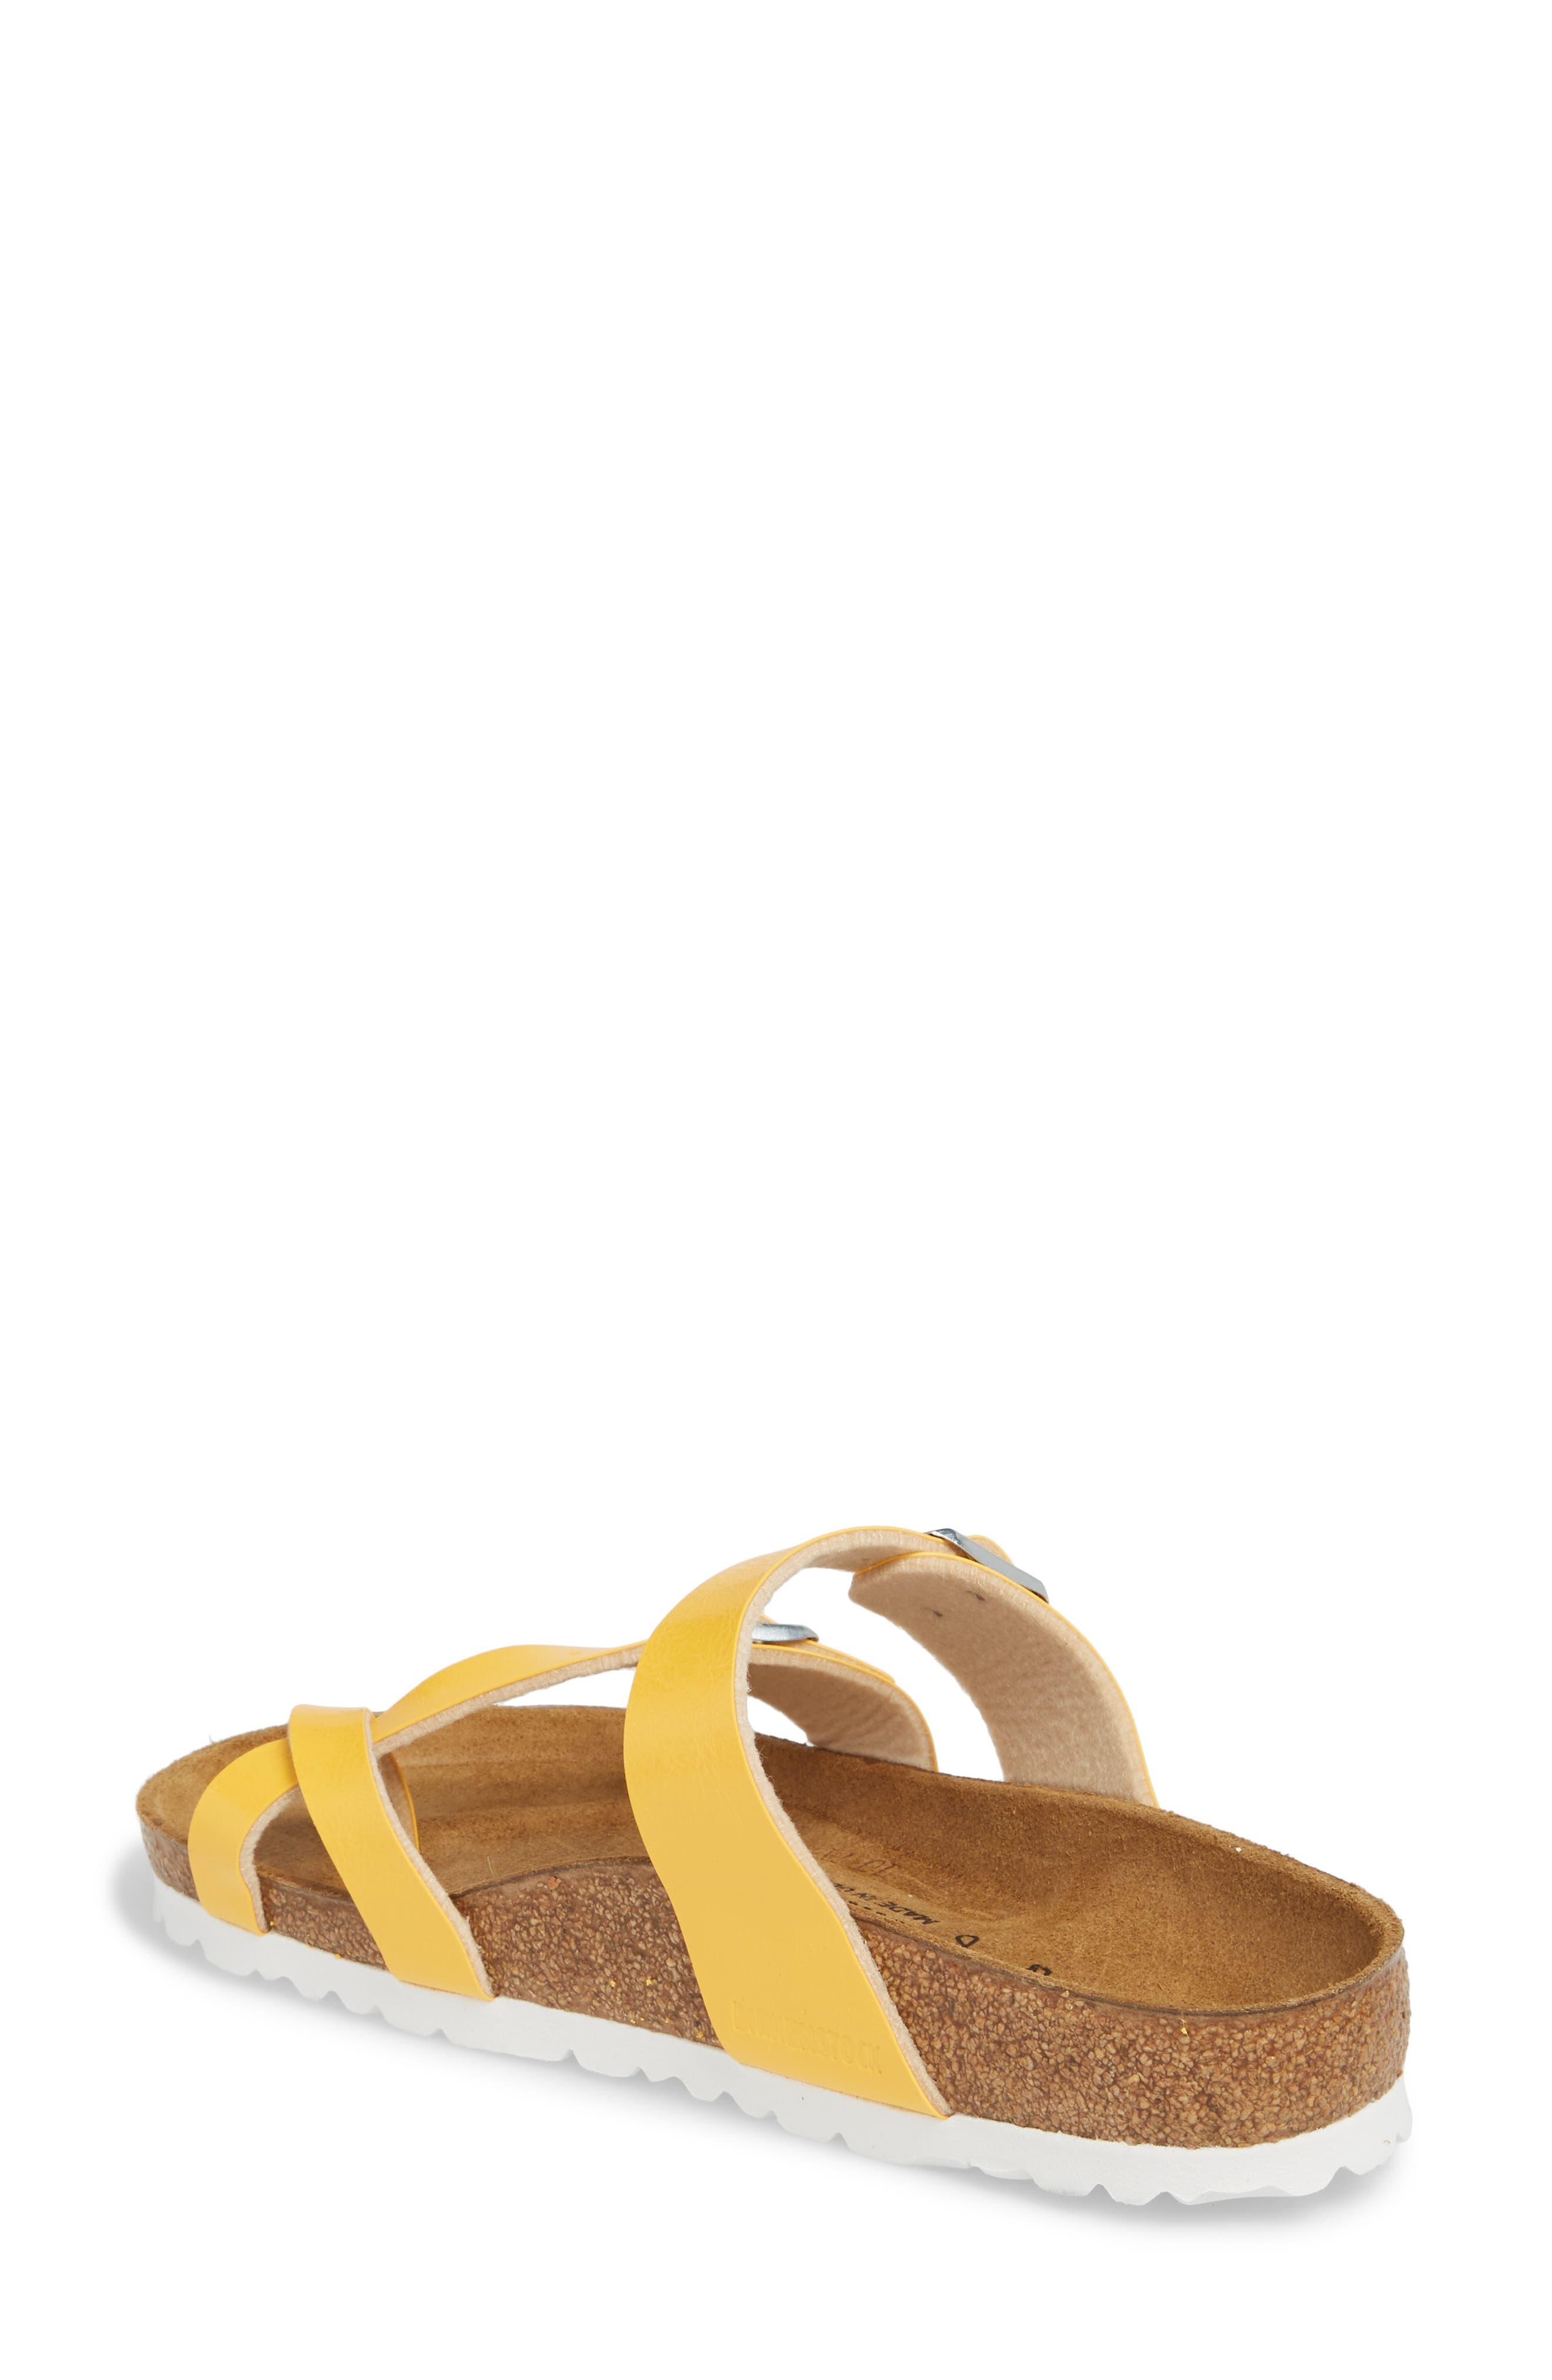 'Mayari' Birko-Flor<sup>™</sup> Sandal,                             Alternate thumbnail 38, color,